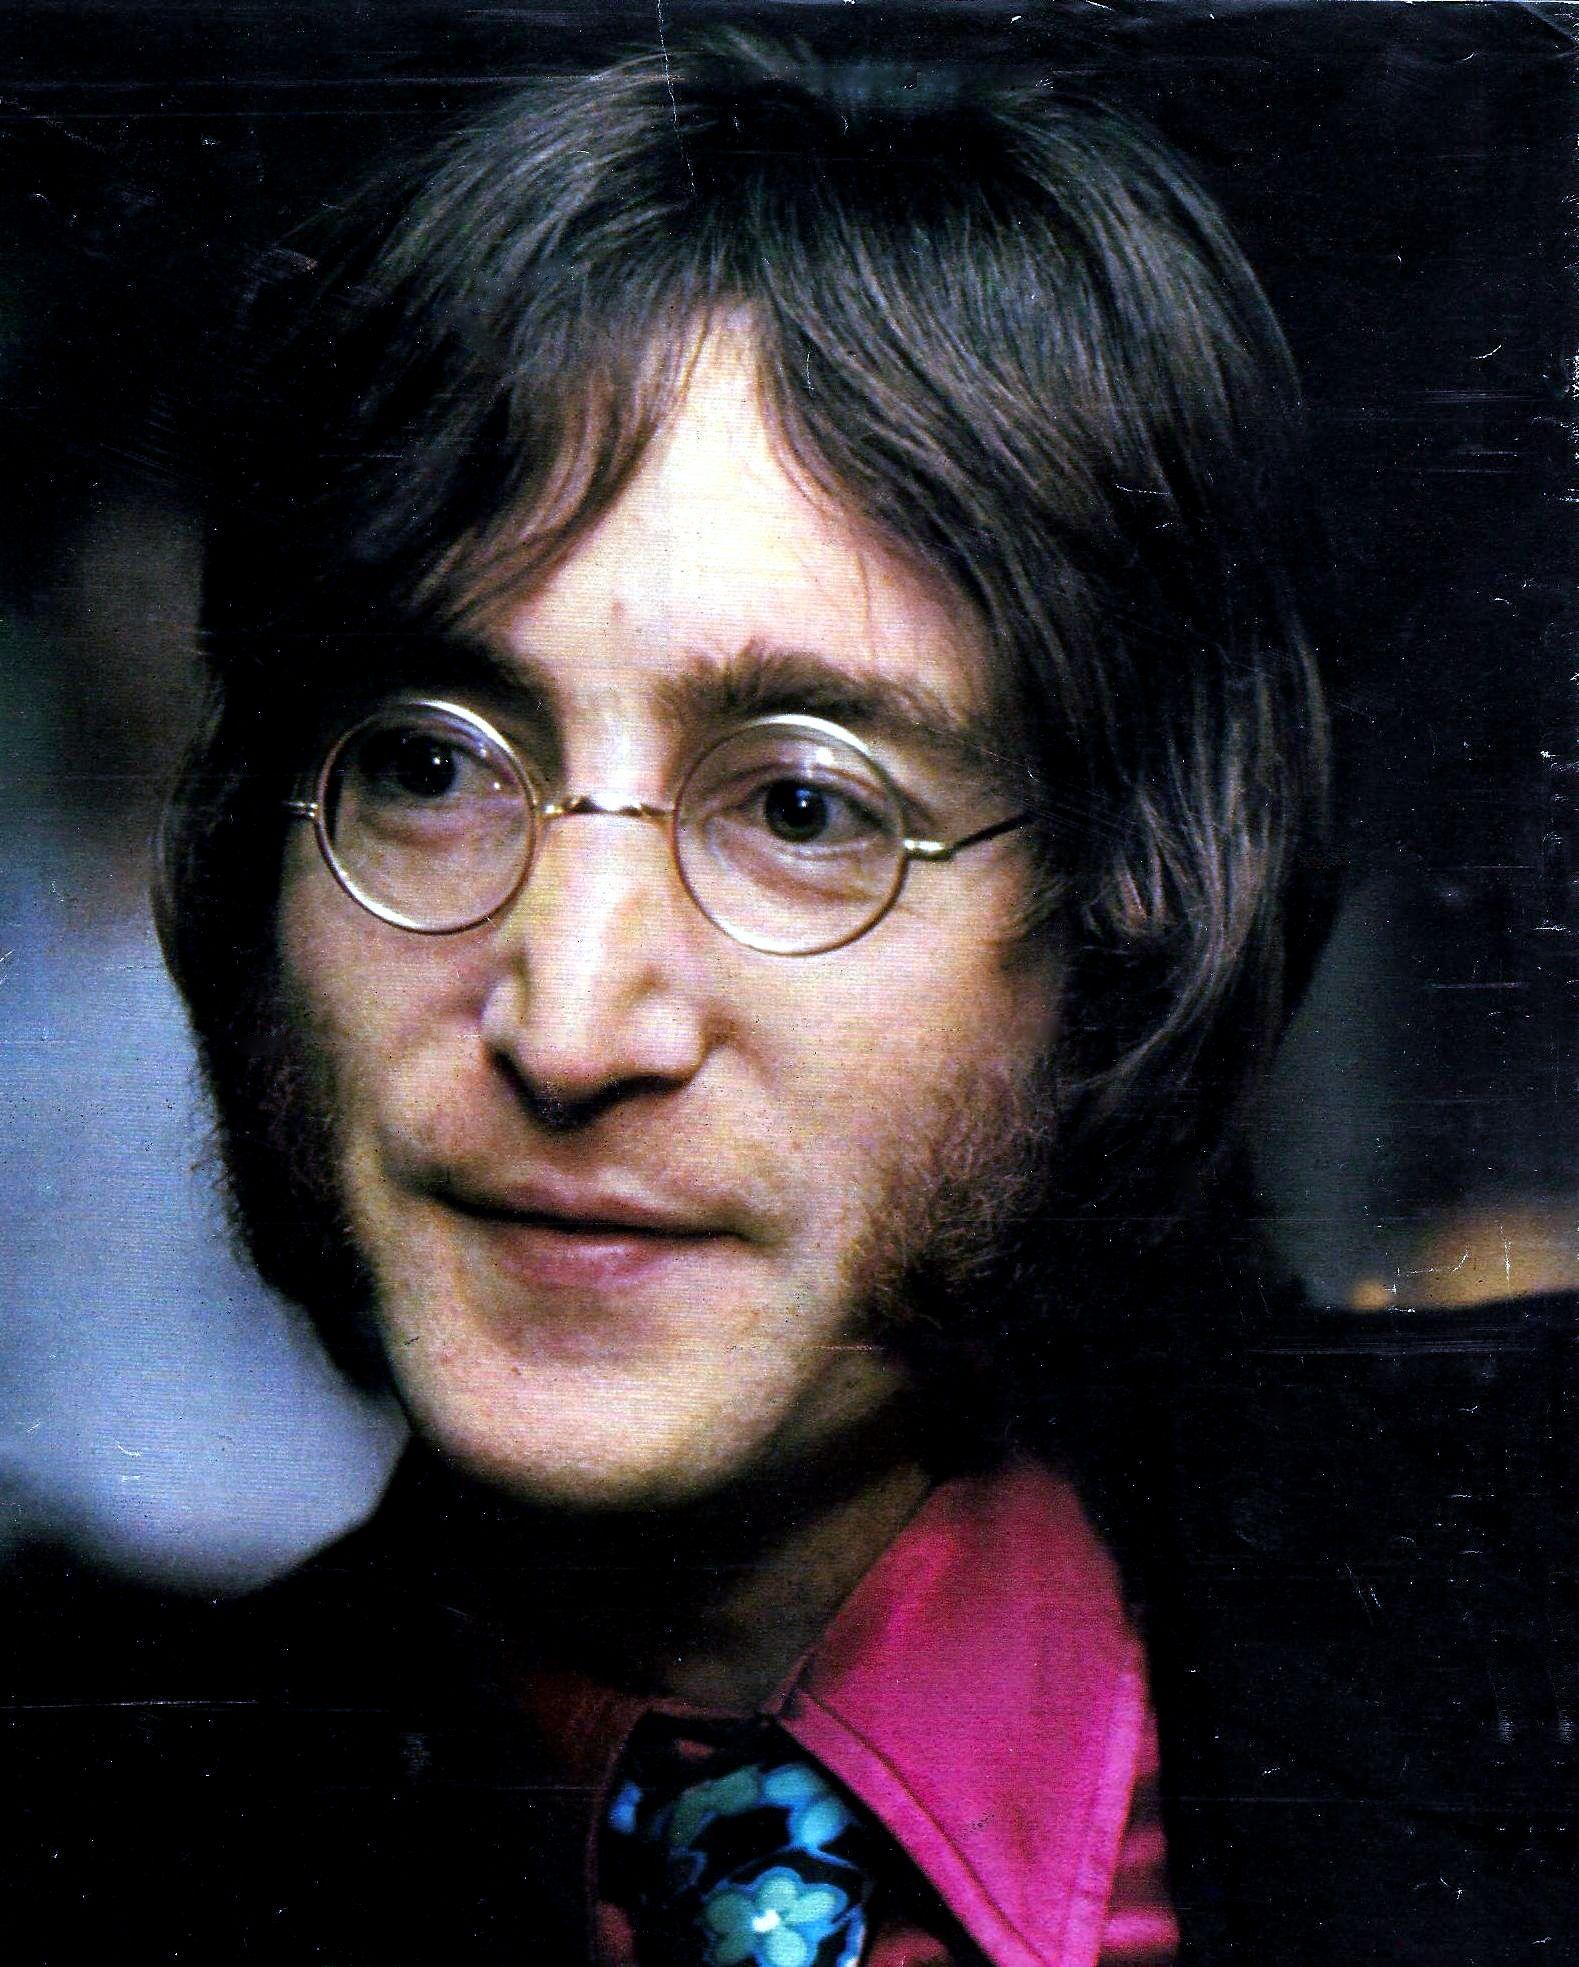 ã1968 john lennonãã®ç»åæ¤ç´¢çµæ